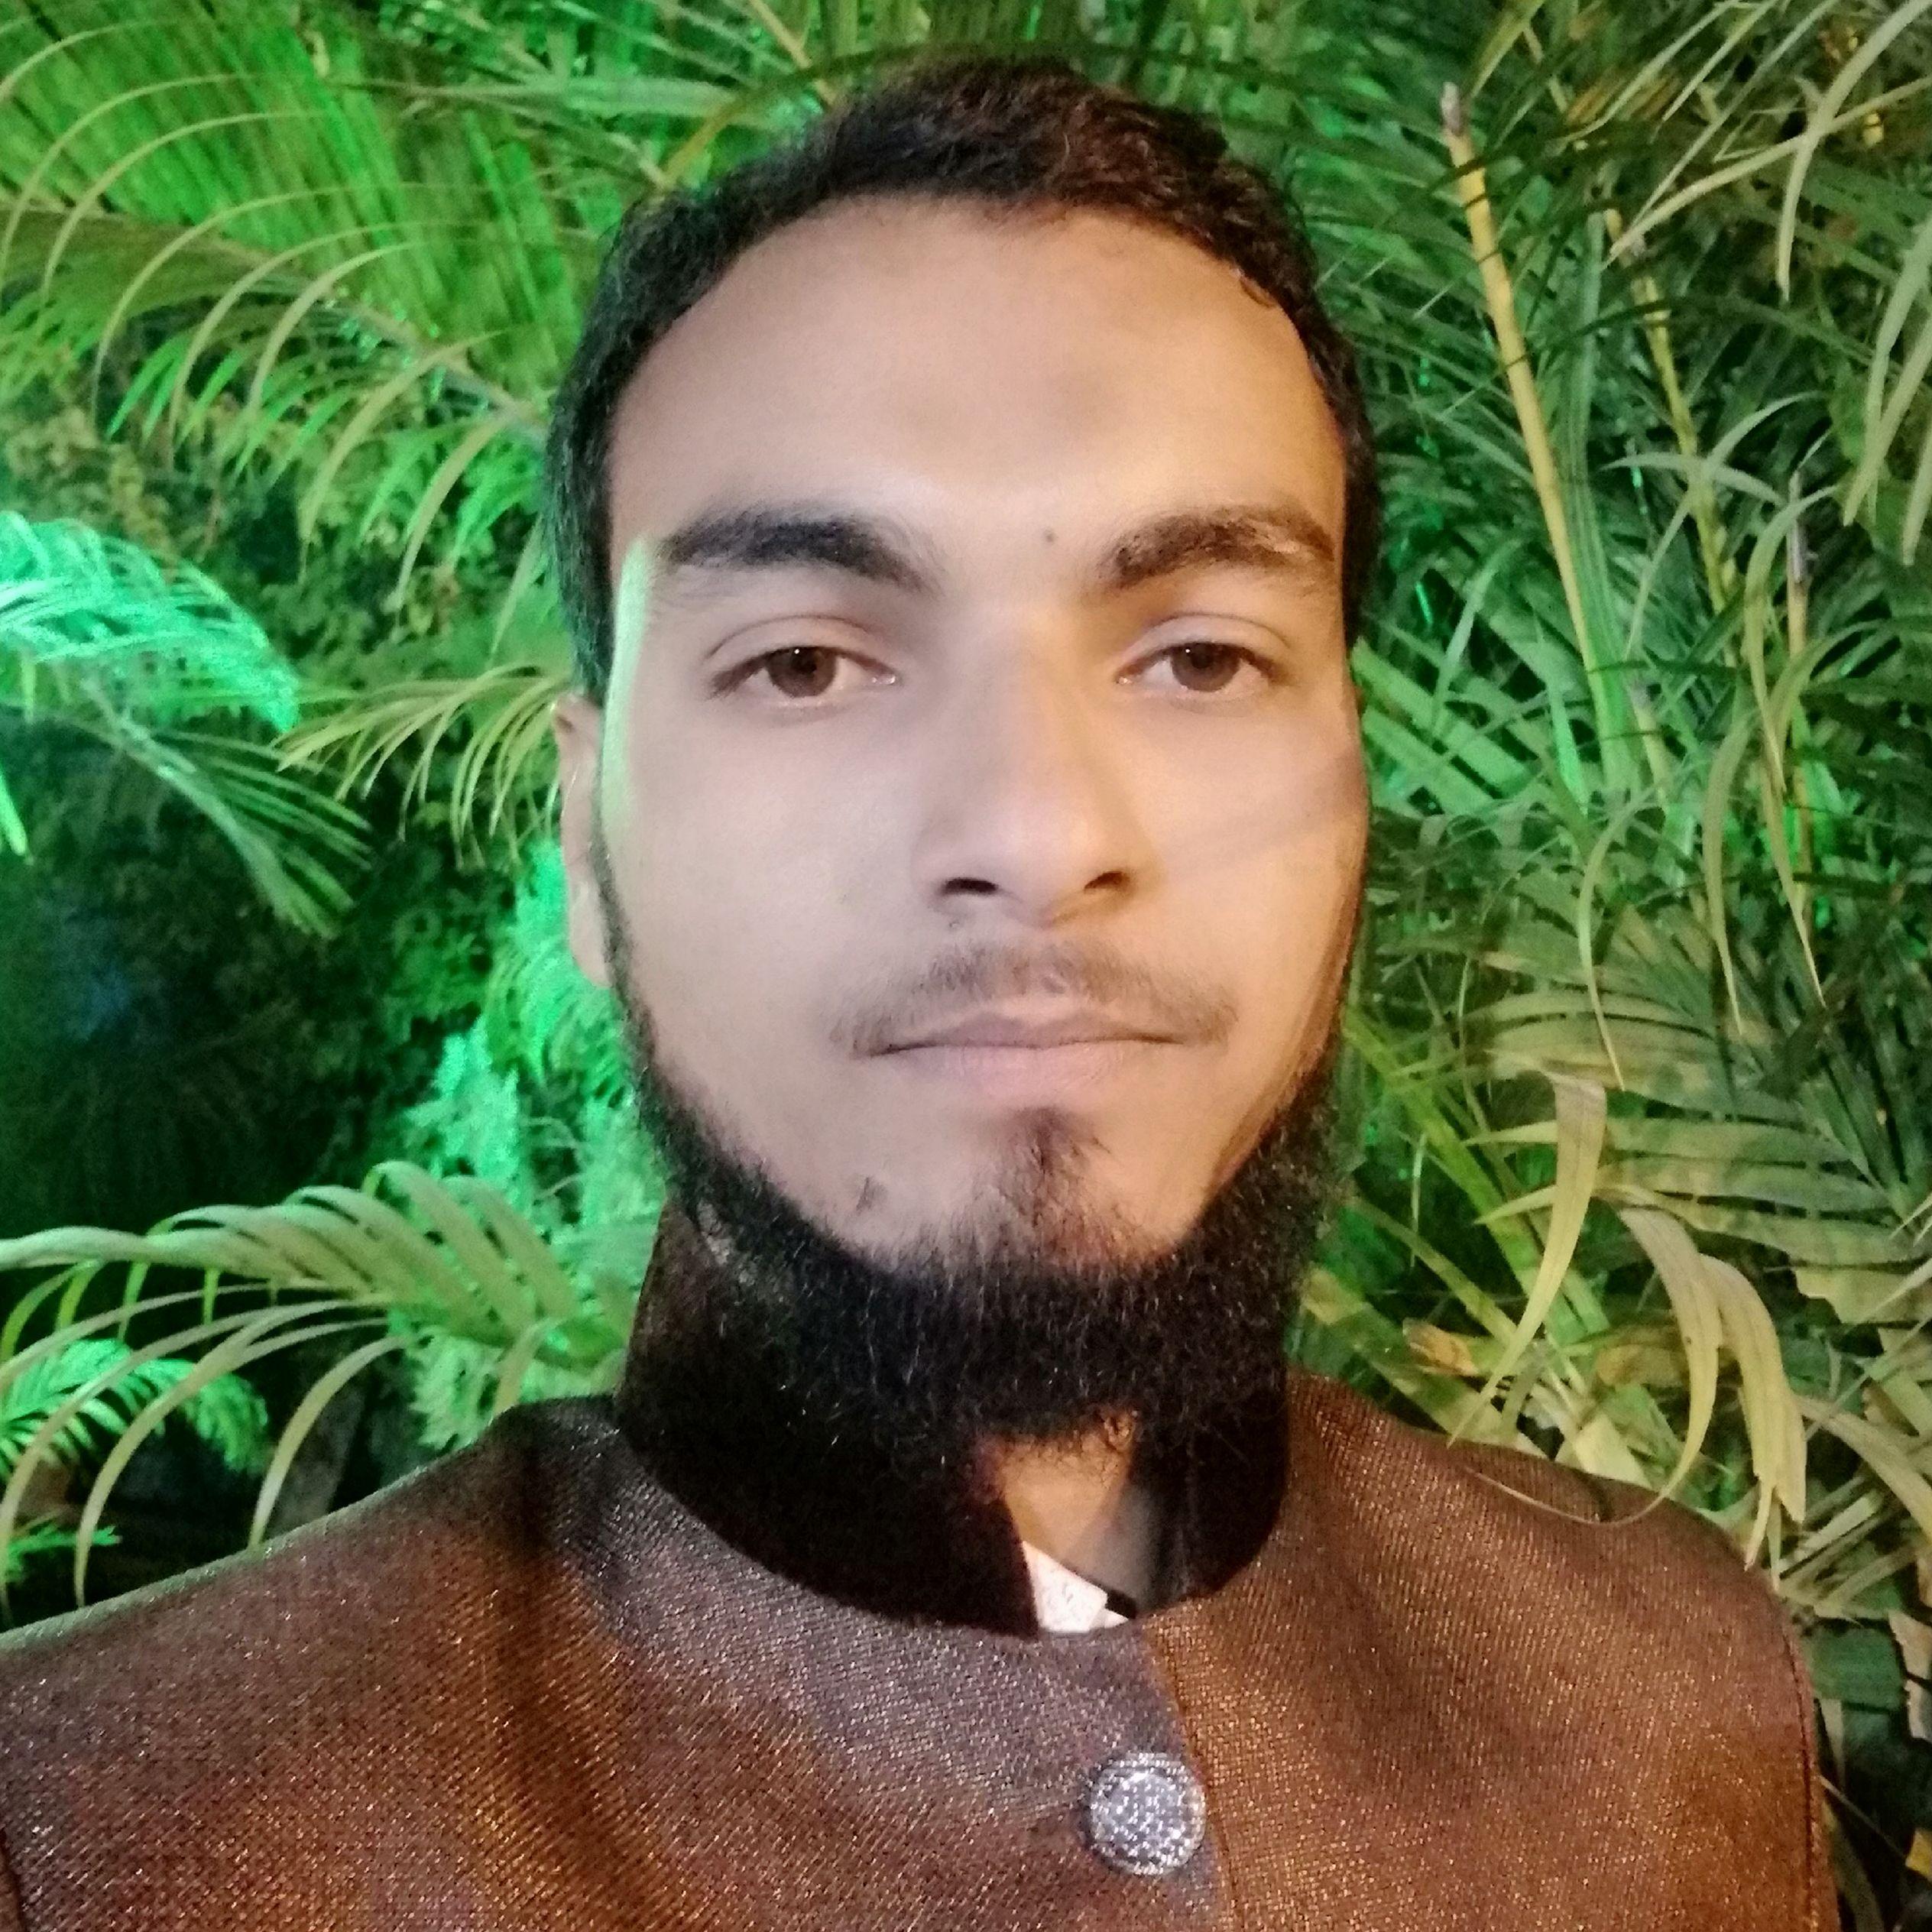 Mohammad Bilal